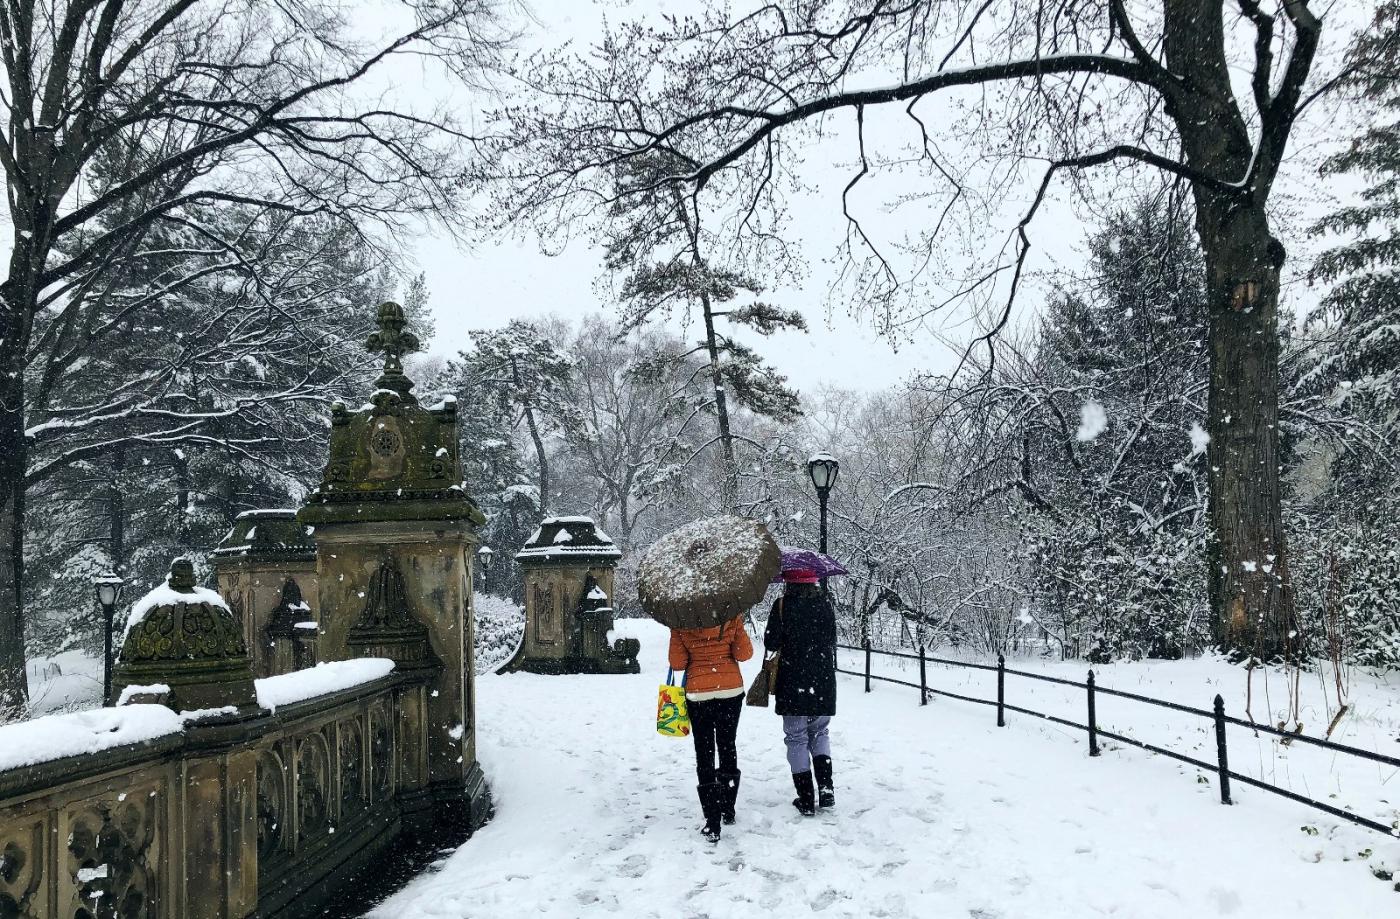 【田螺手机摄影】纽约雪景、还是中央公园最漂亮[二]_图1-24